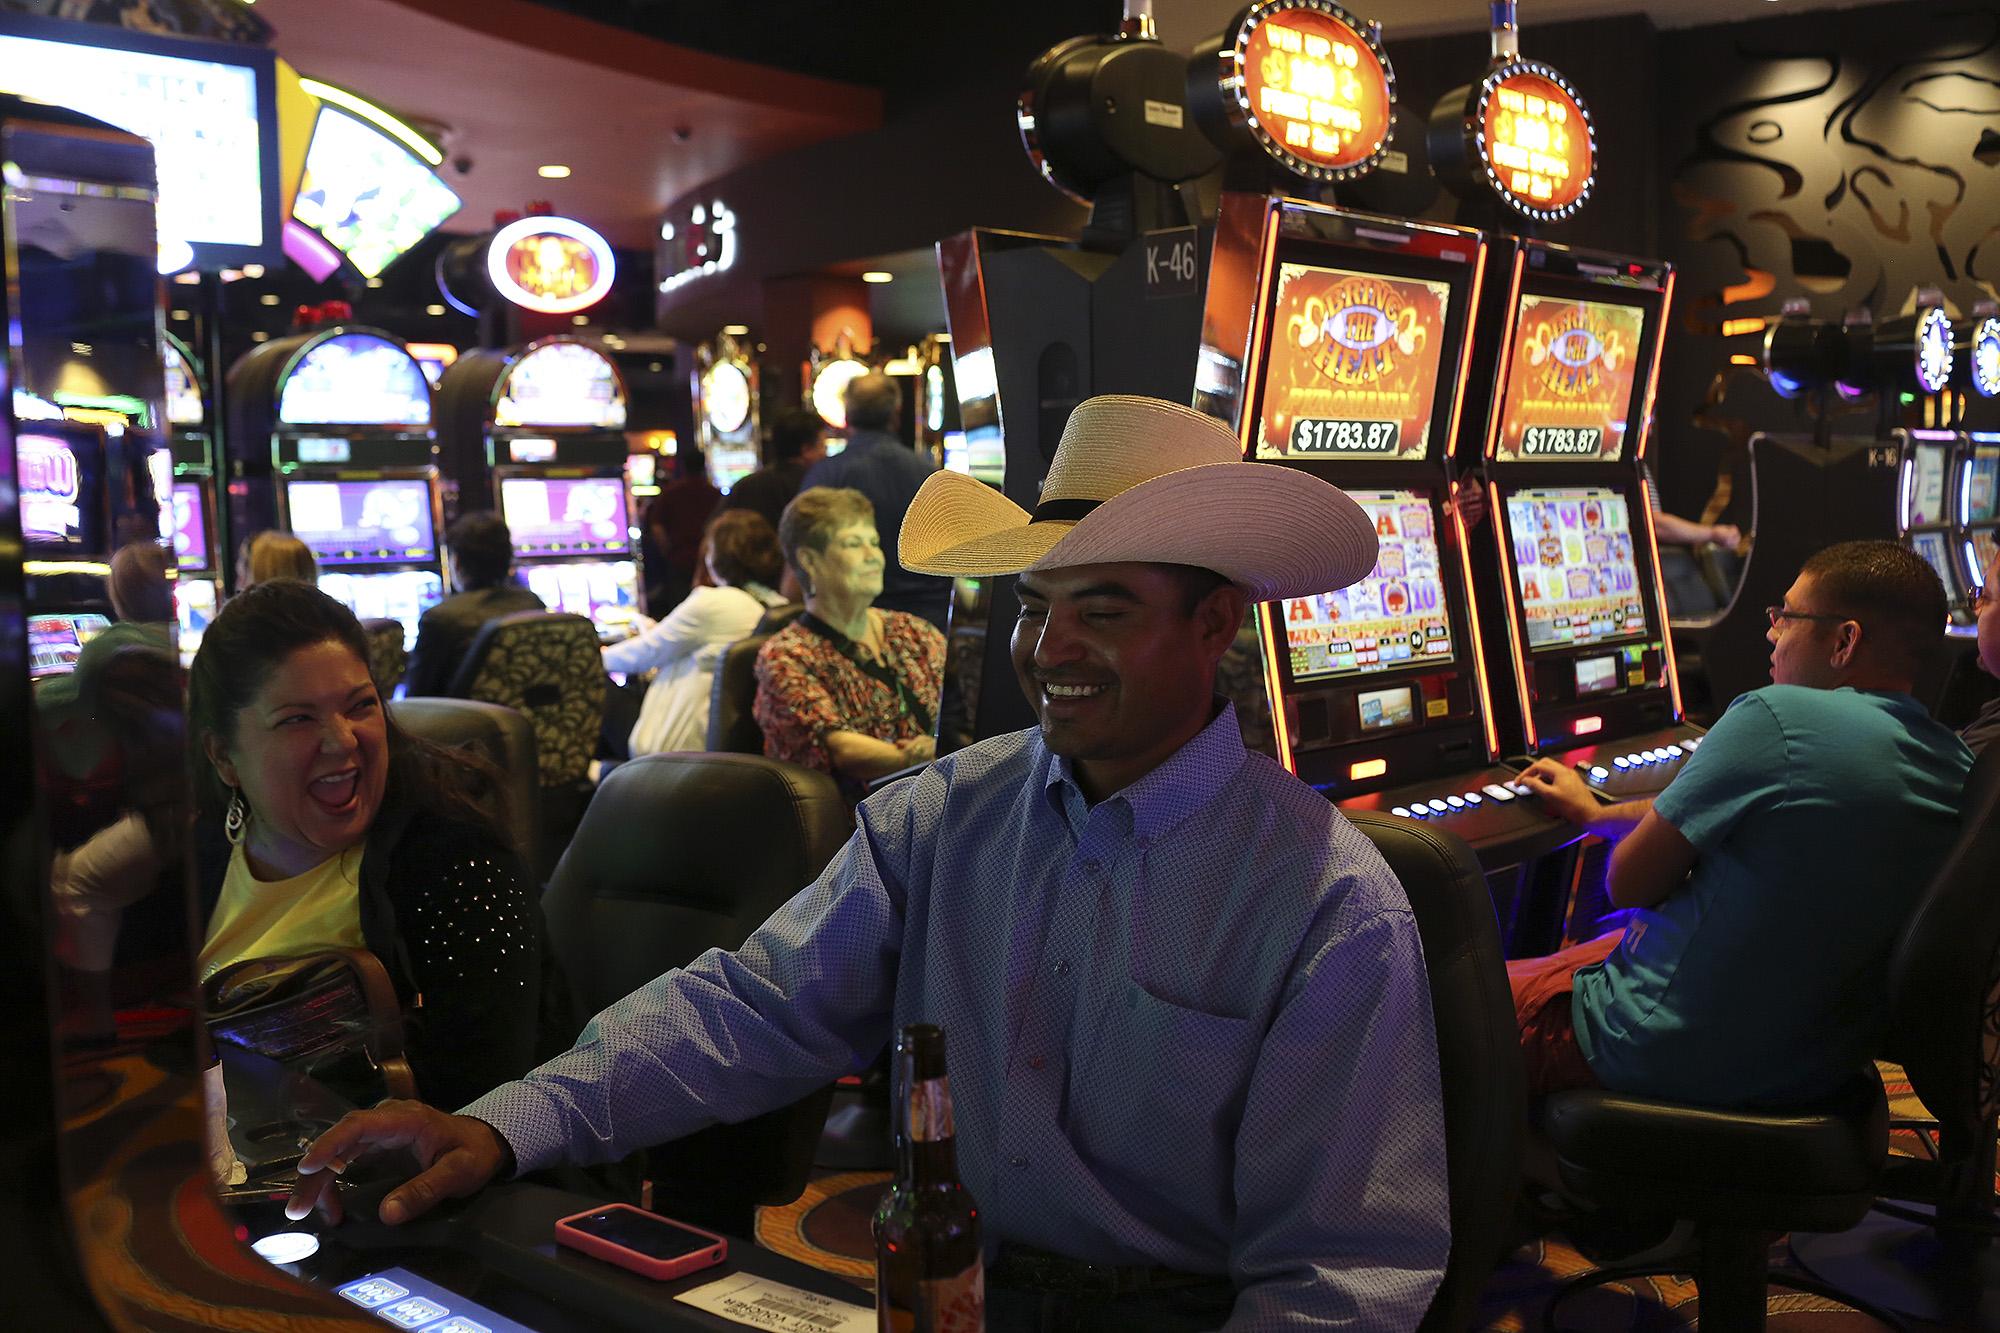 Группа казино ночной экспресс 1992 онлайн казино ставки 1 копейка